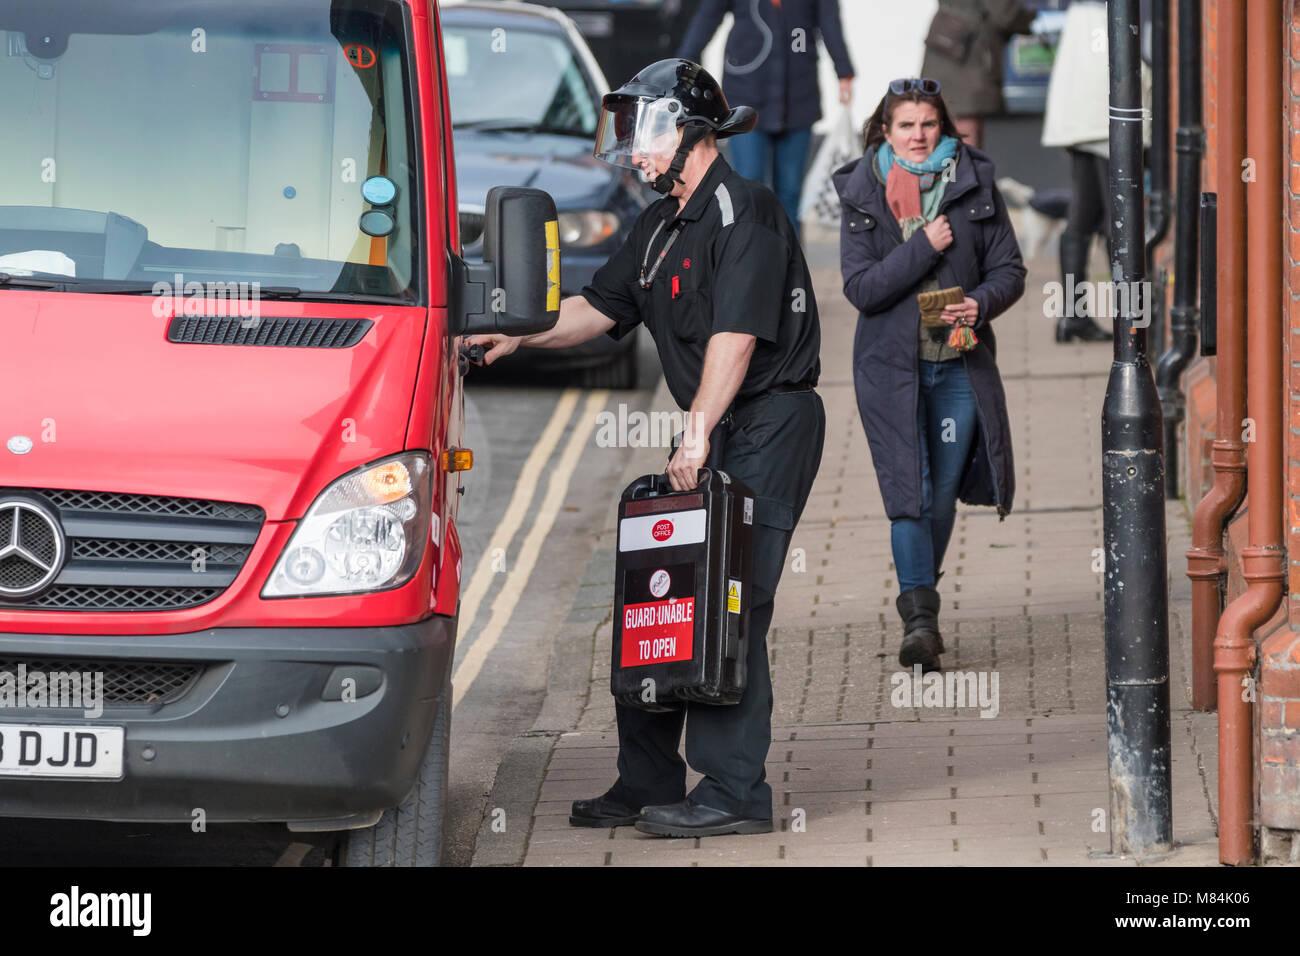 Männliche Post Office Security Guard in sicheren Schutzkleidung tragen sicher zu einem Van und gleichzeitig Geld für ein Postamt in England, Großbritannien. Stockfoto